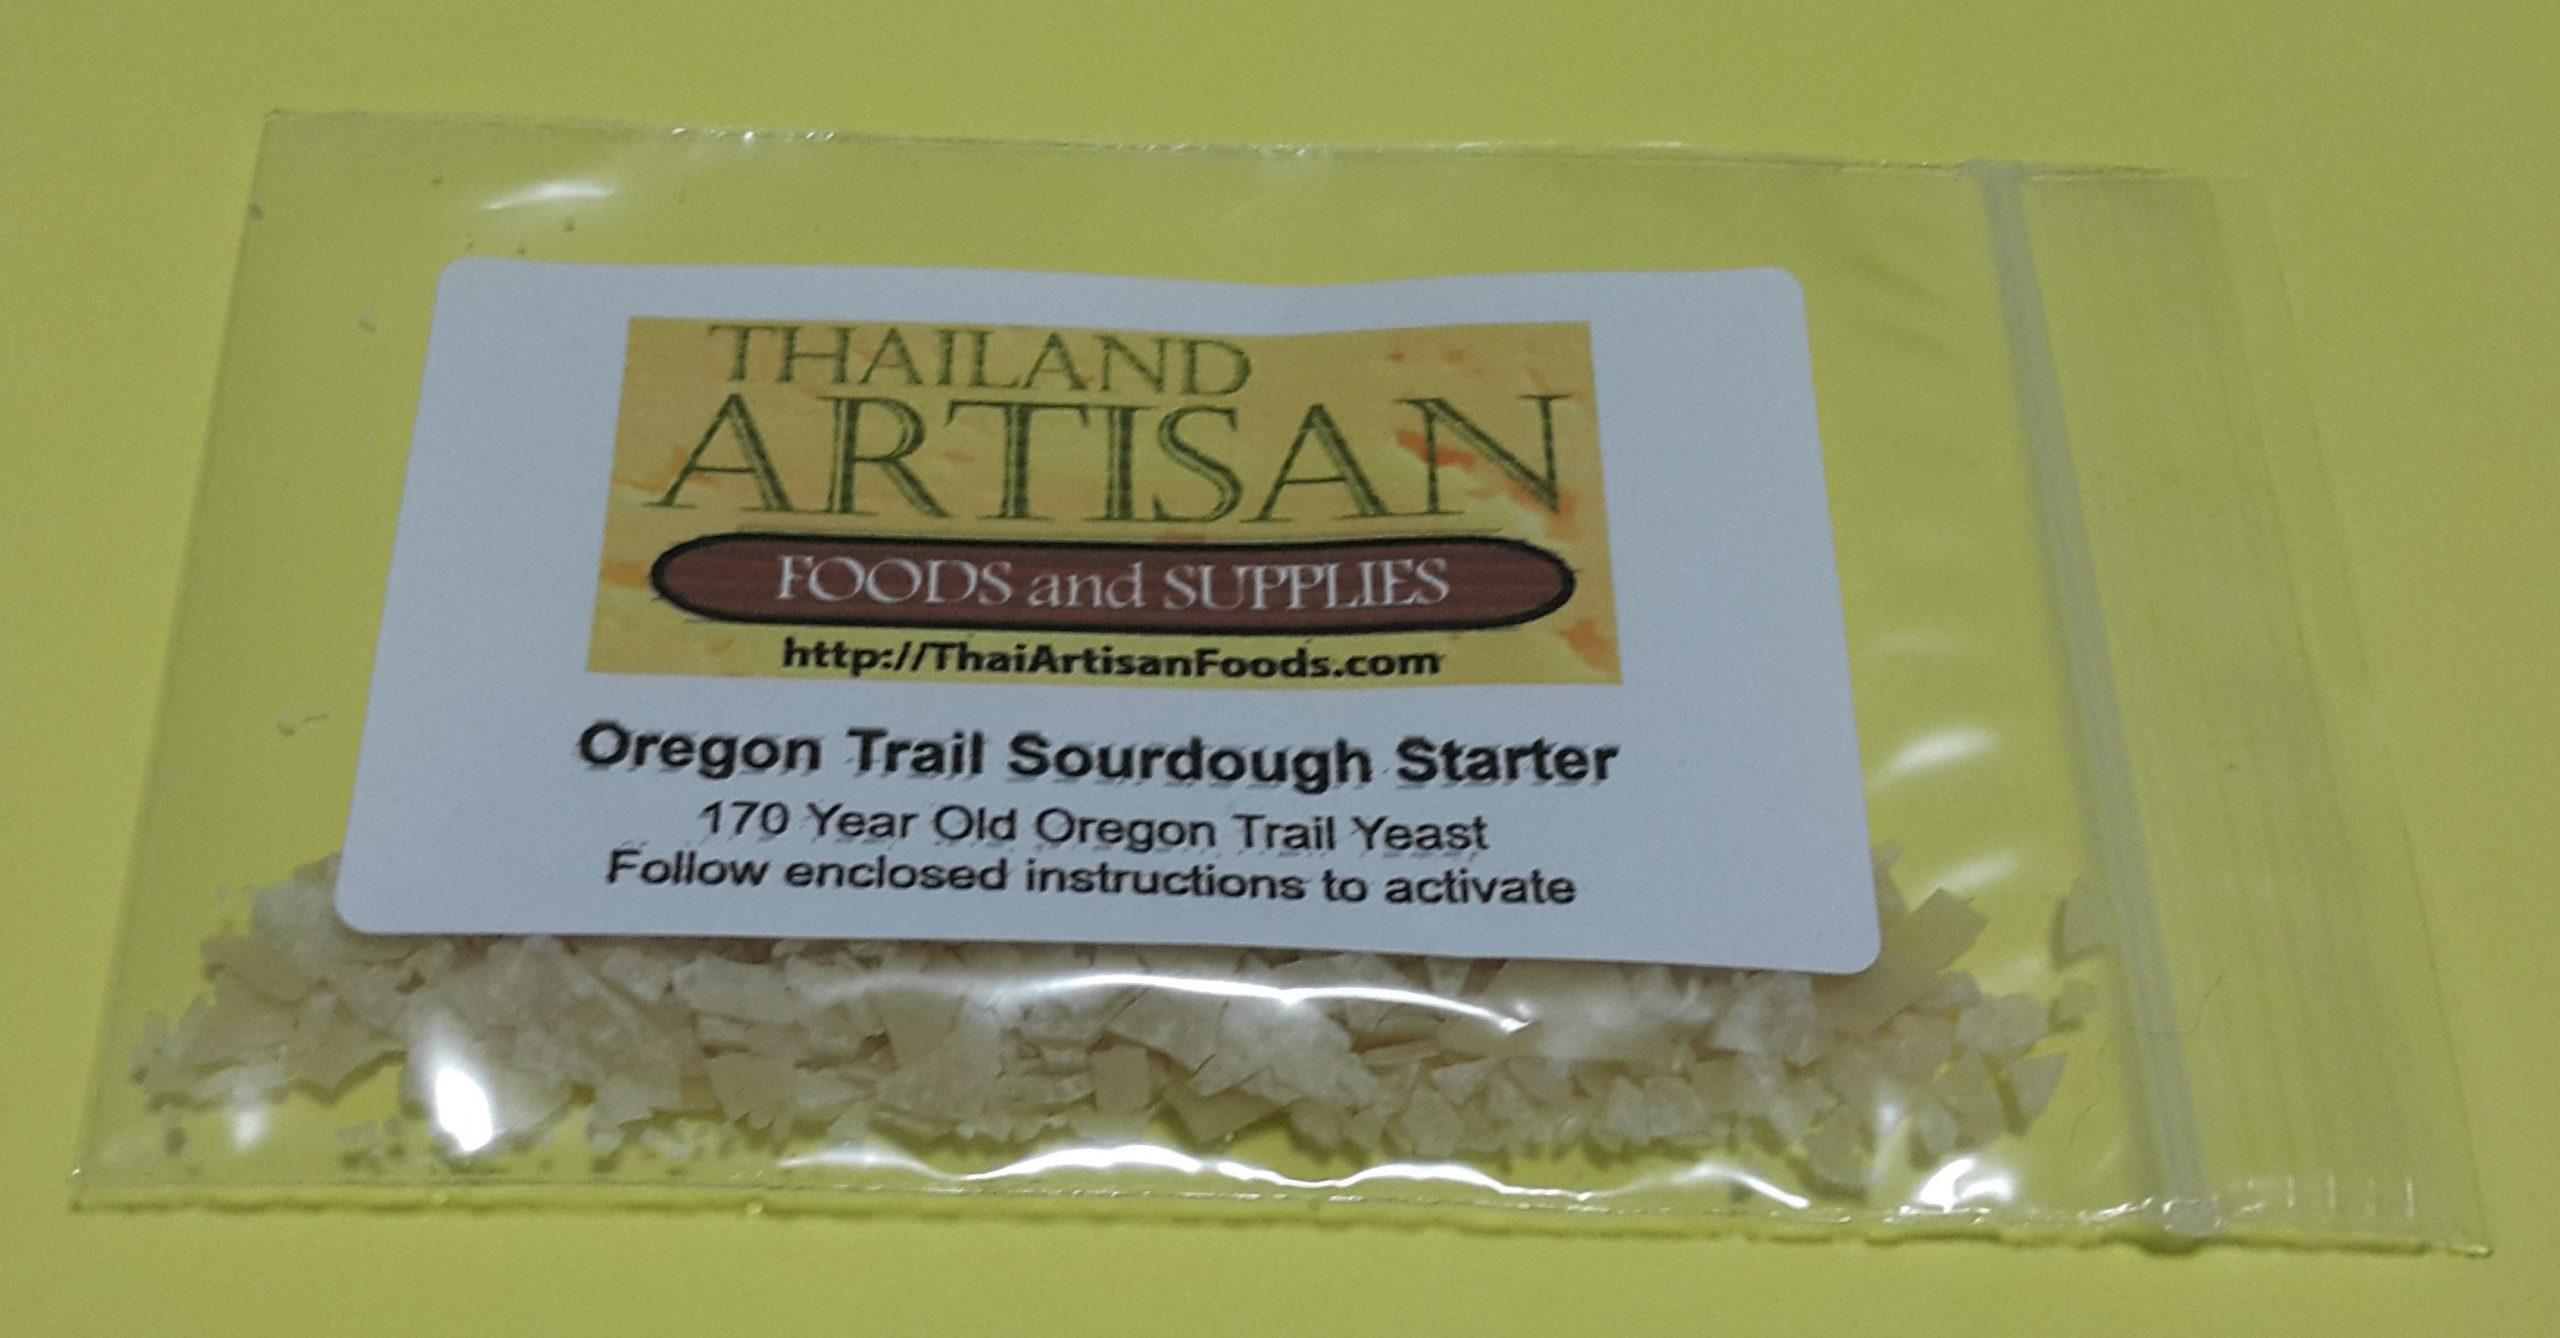 Oregon Trail Sourdough Starter